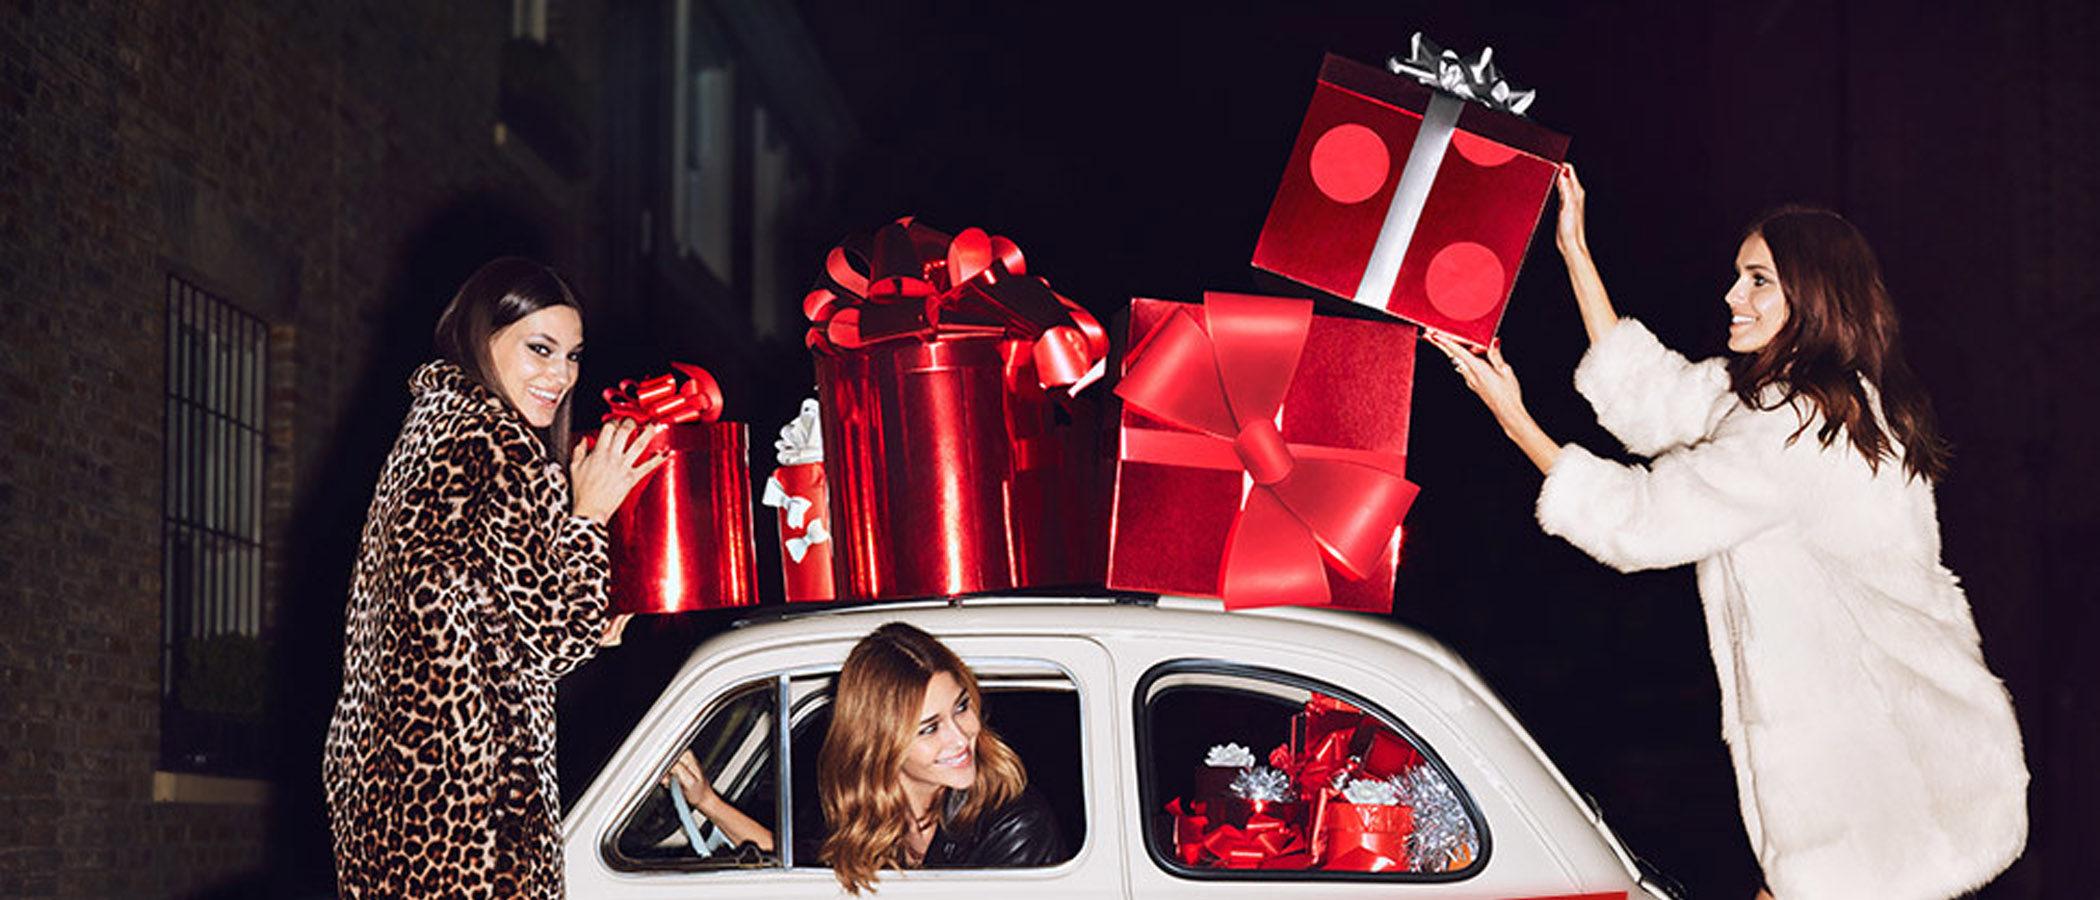 'Holiday 2016', la colección navideña de Kiko en colaboración con el diseñador Ross Lovegrove